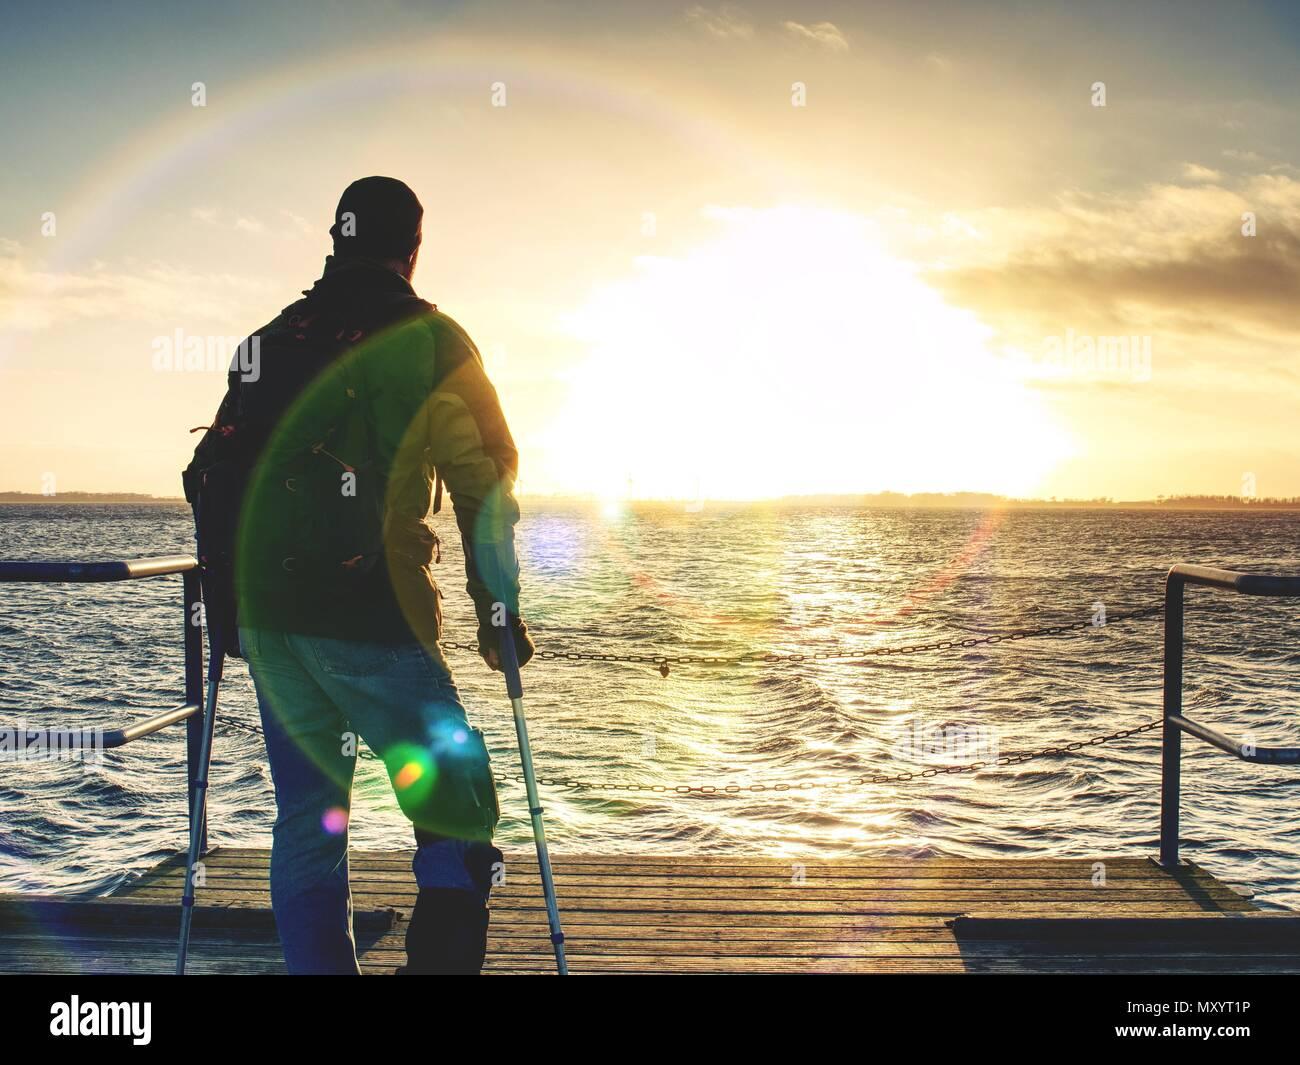 Randonneur avec béquille de la médecine et de la jambe fixée à l'antidémarrage à pied sur le quai de la jetée. L'homme a fixé jambe cassée dans le plâtre. Heureux homme handicapé sur la plage à pied. Len Photo Stock